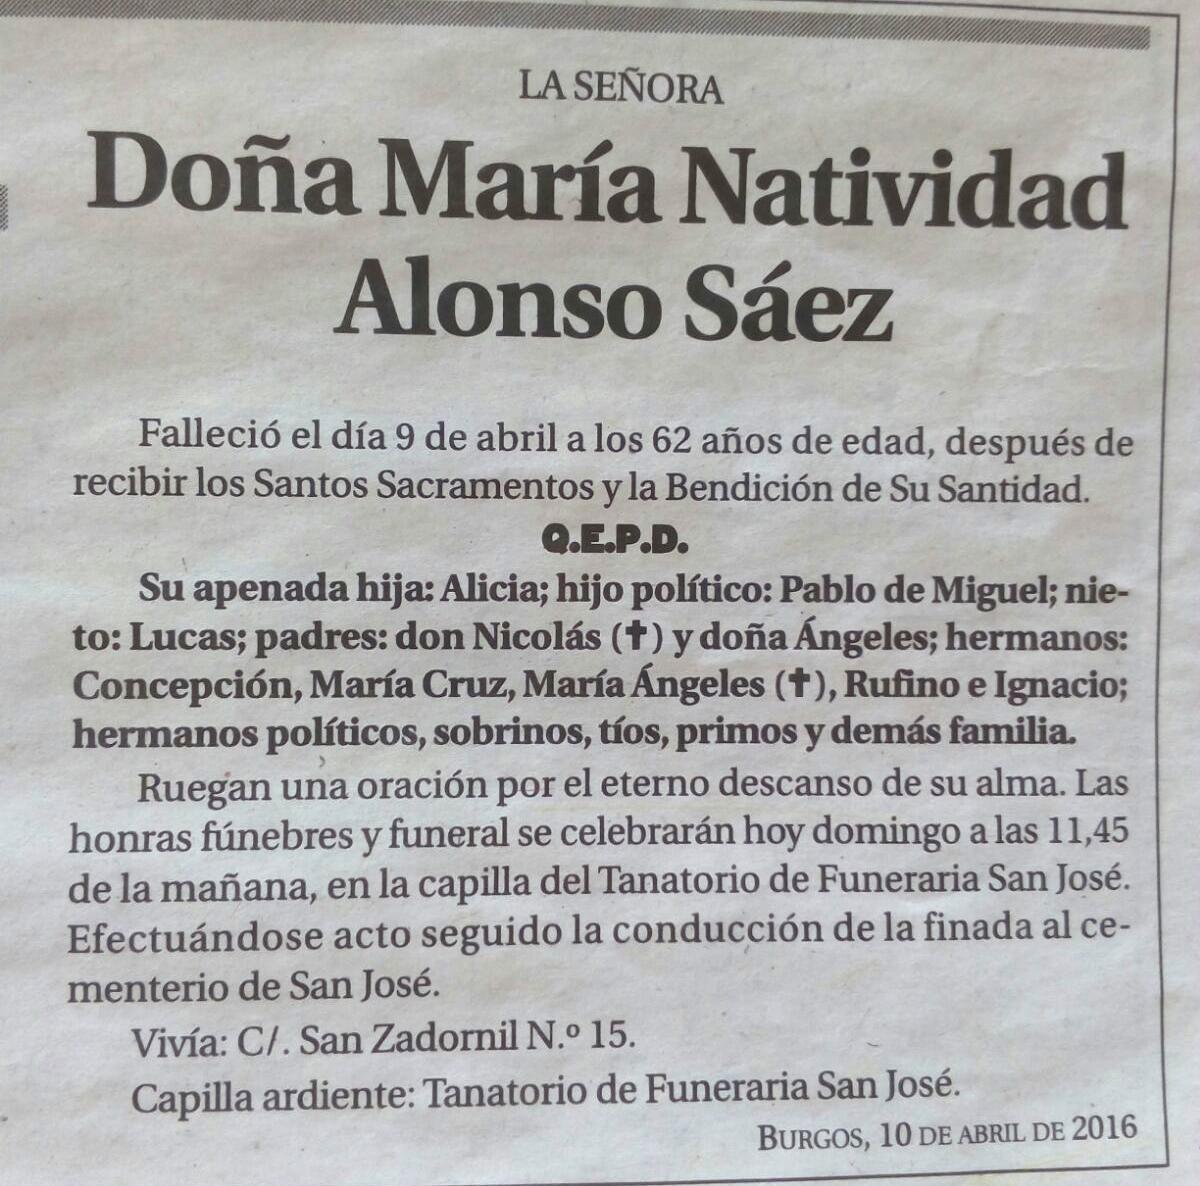 Esquela de Doña María Natividad Alonso Sáez, falleció el 9 de abril de 2016 en Burgos, a los 62 años